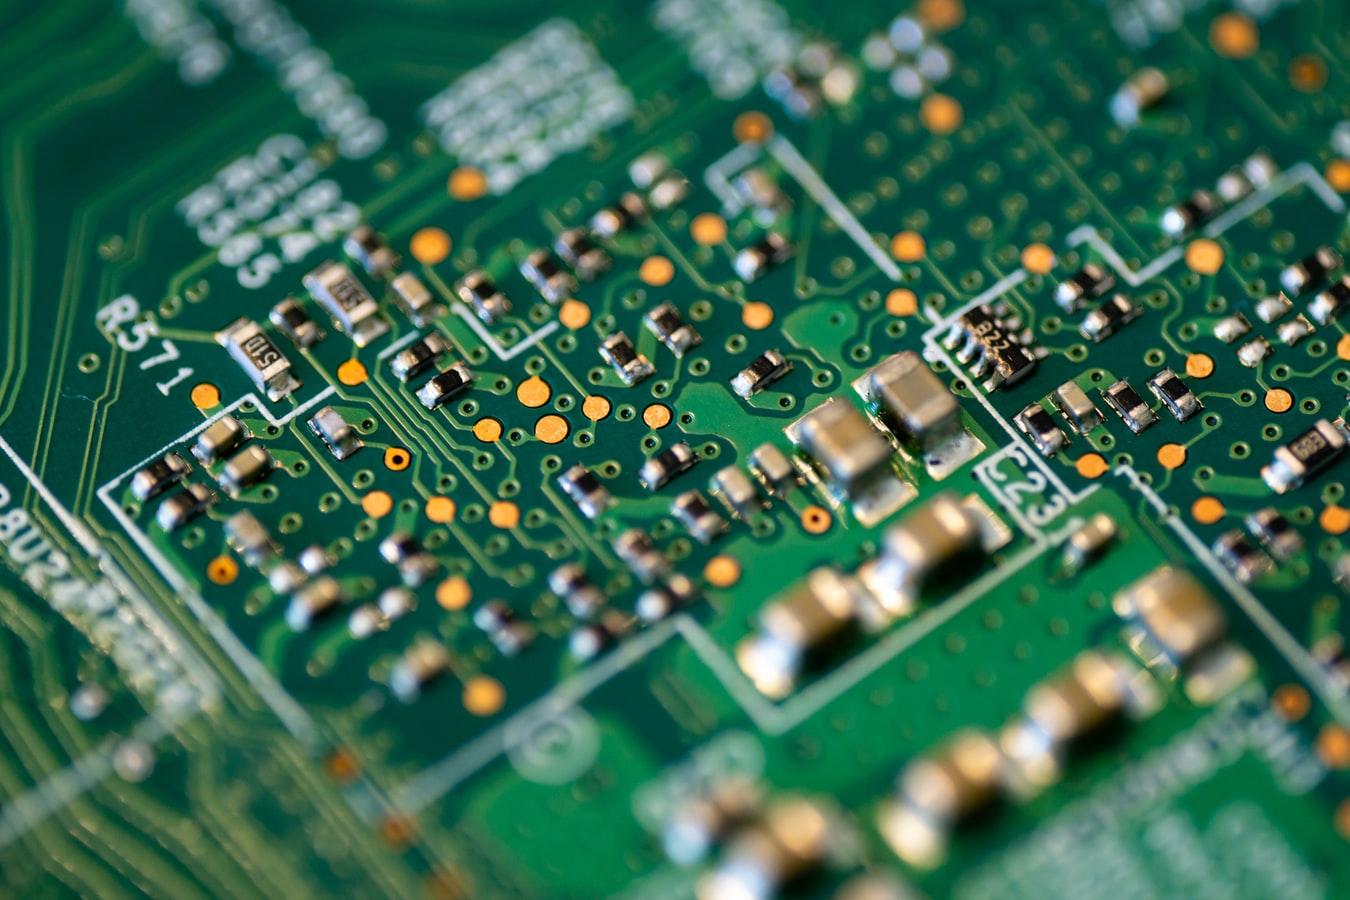 Политехники работают над созданием мельчайшего наноэлектронного устройства